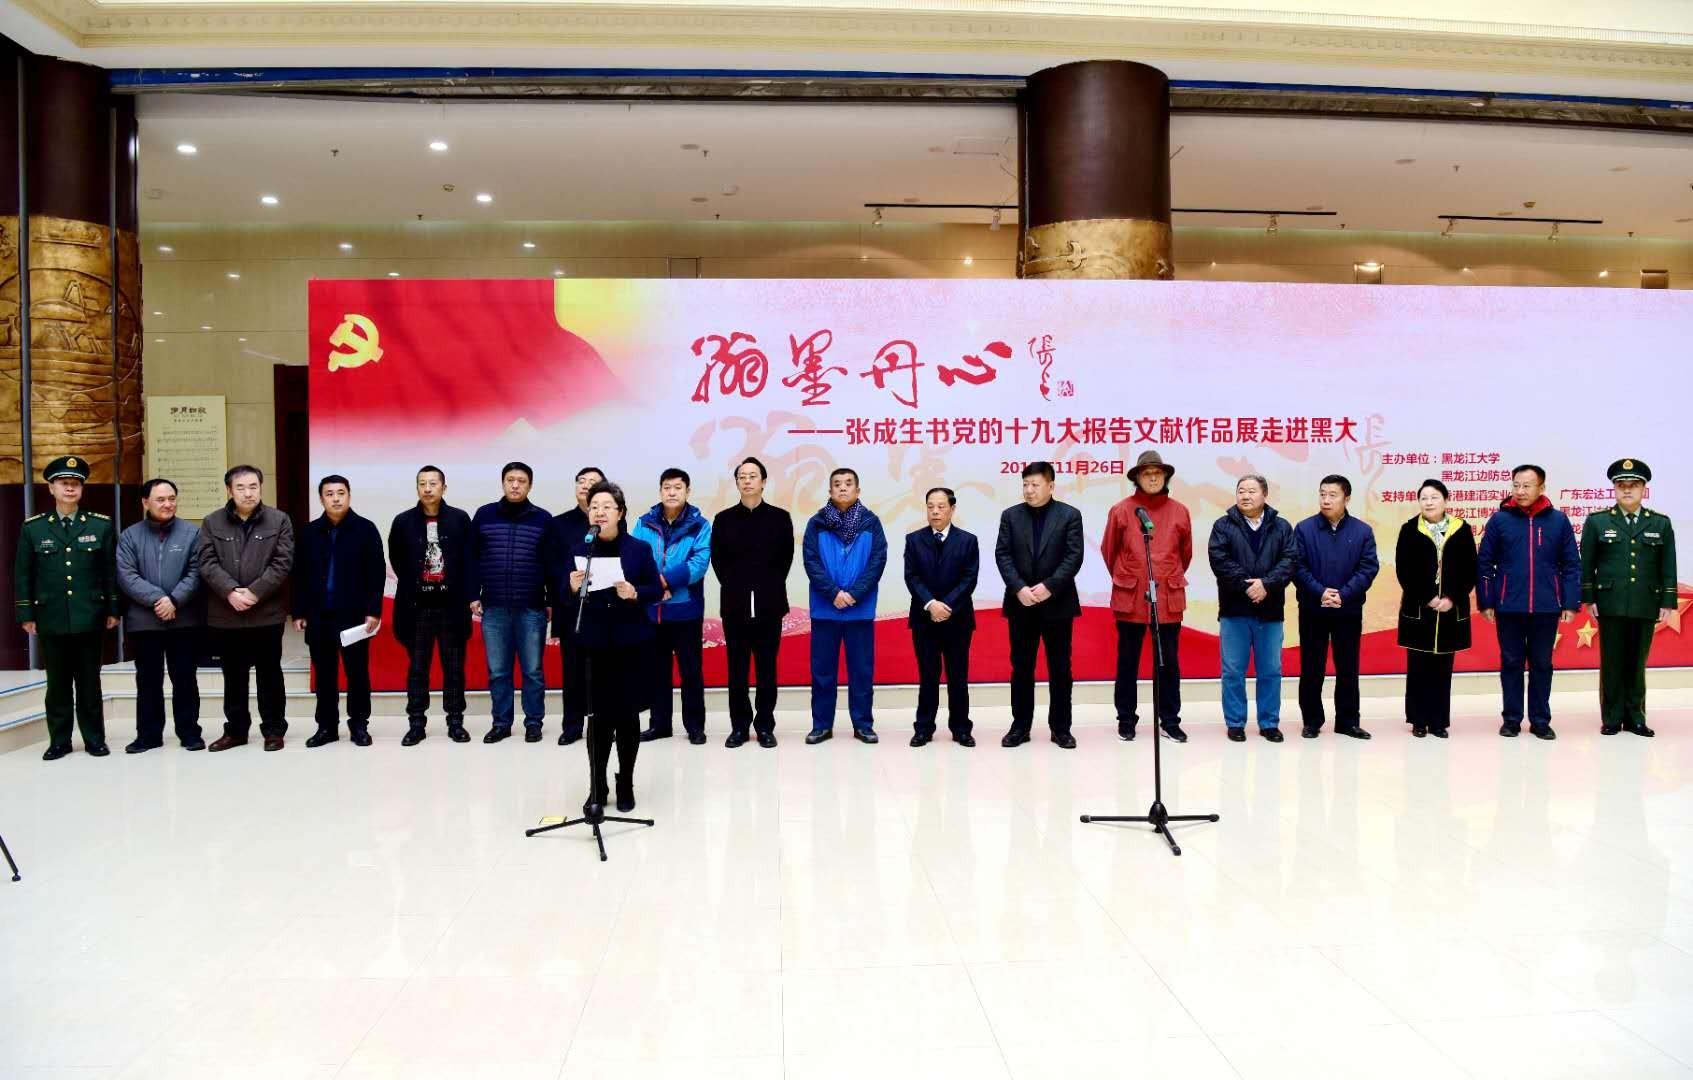 黑龙江大学举办张成生书写党的十九大报告文献作品展